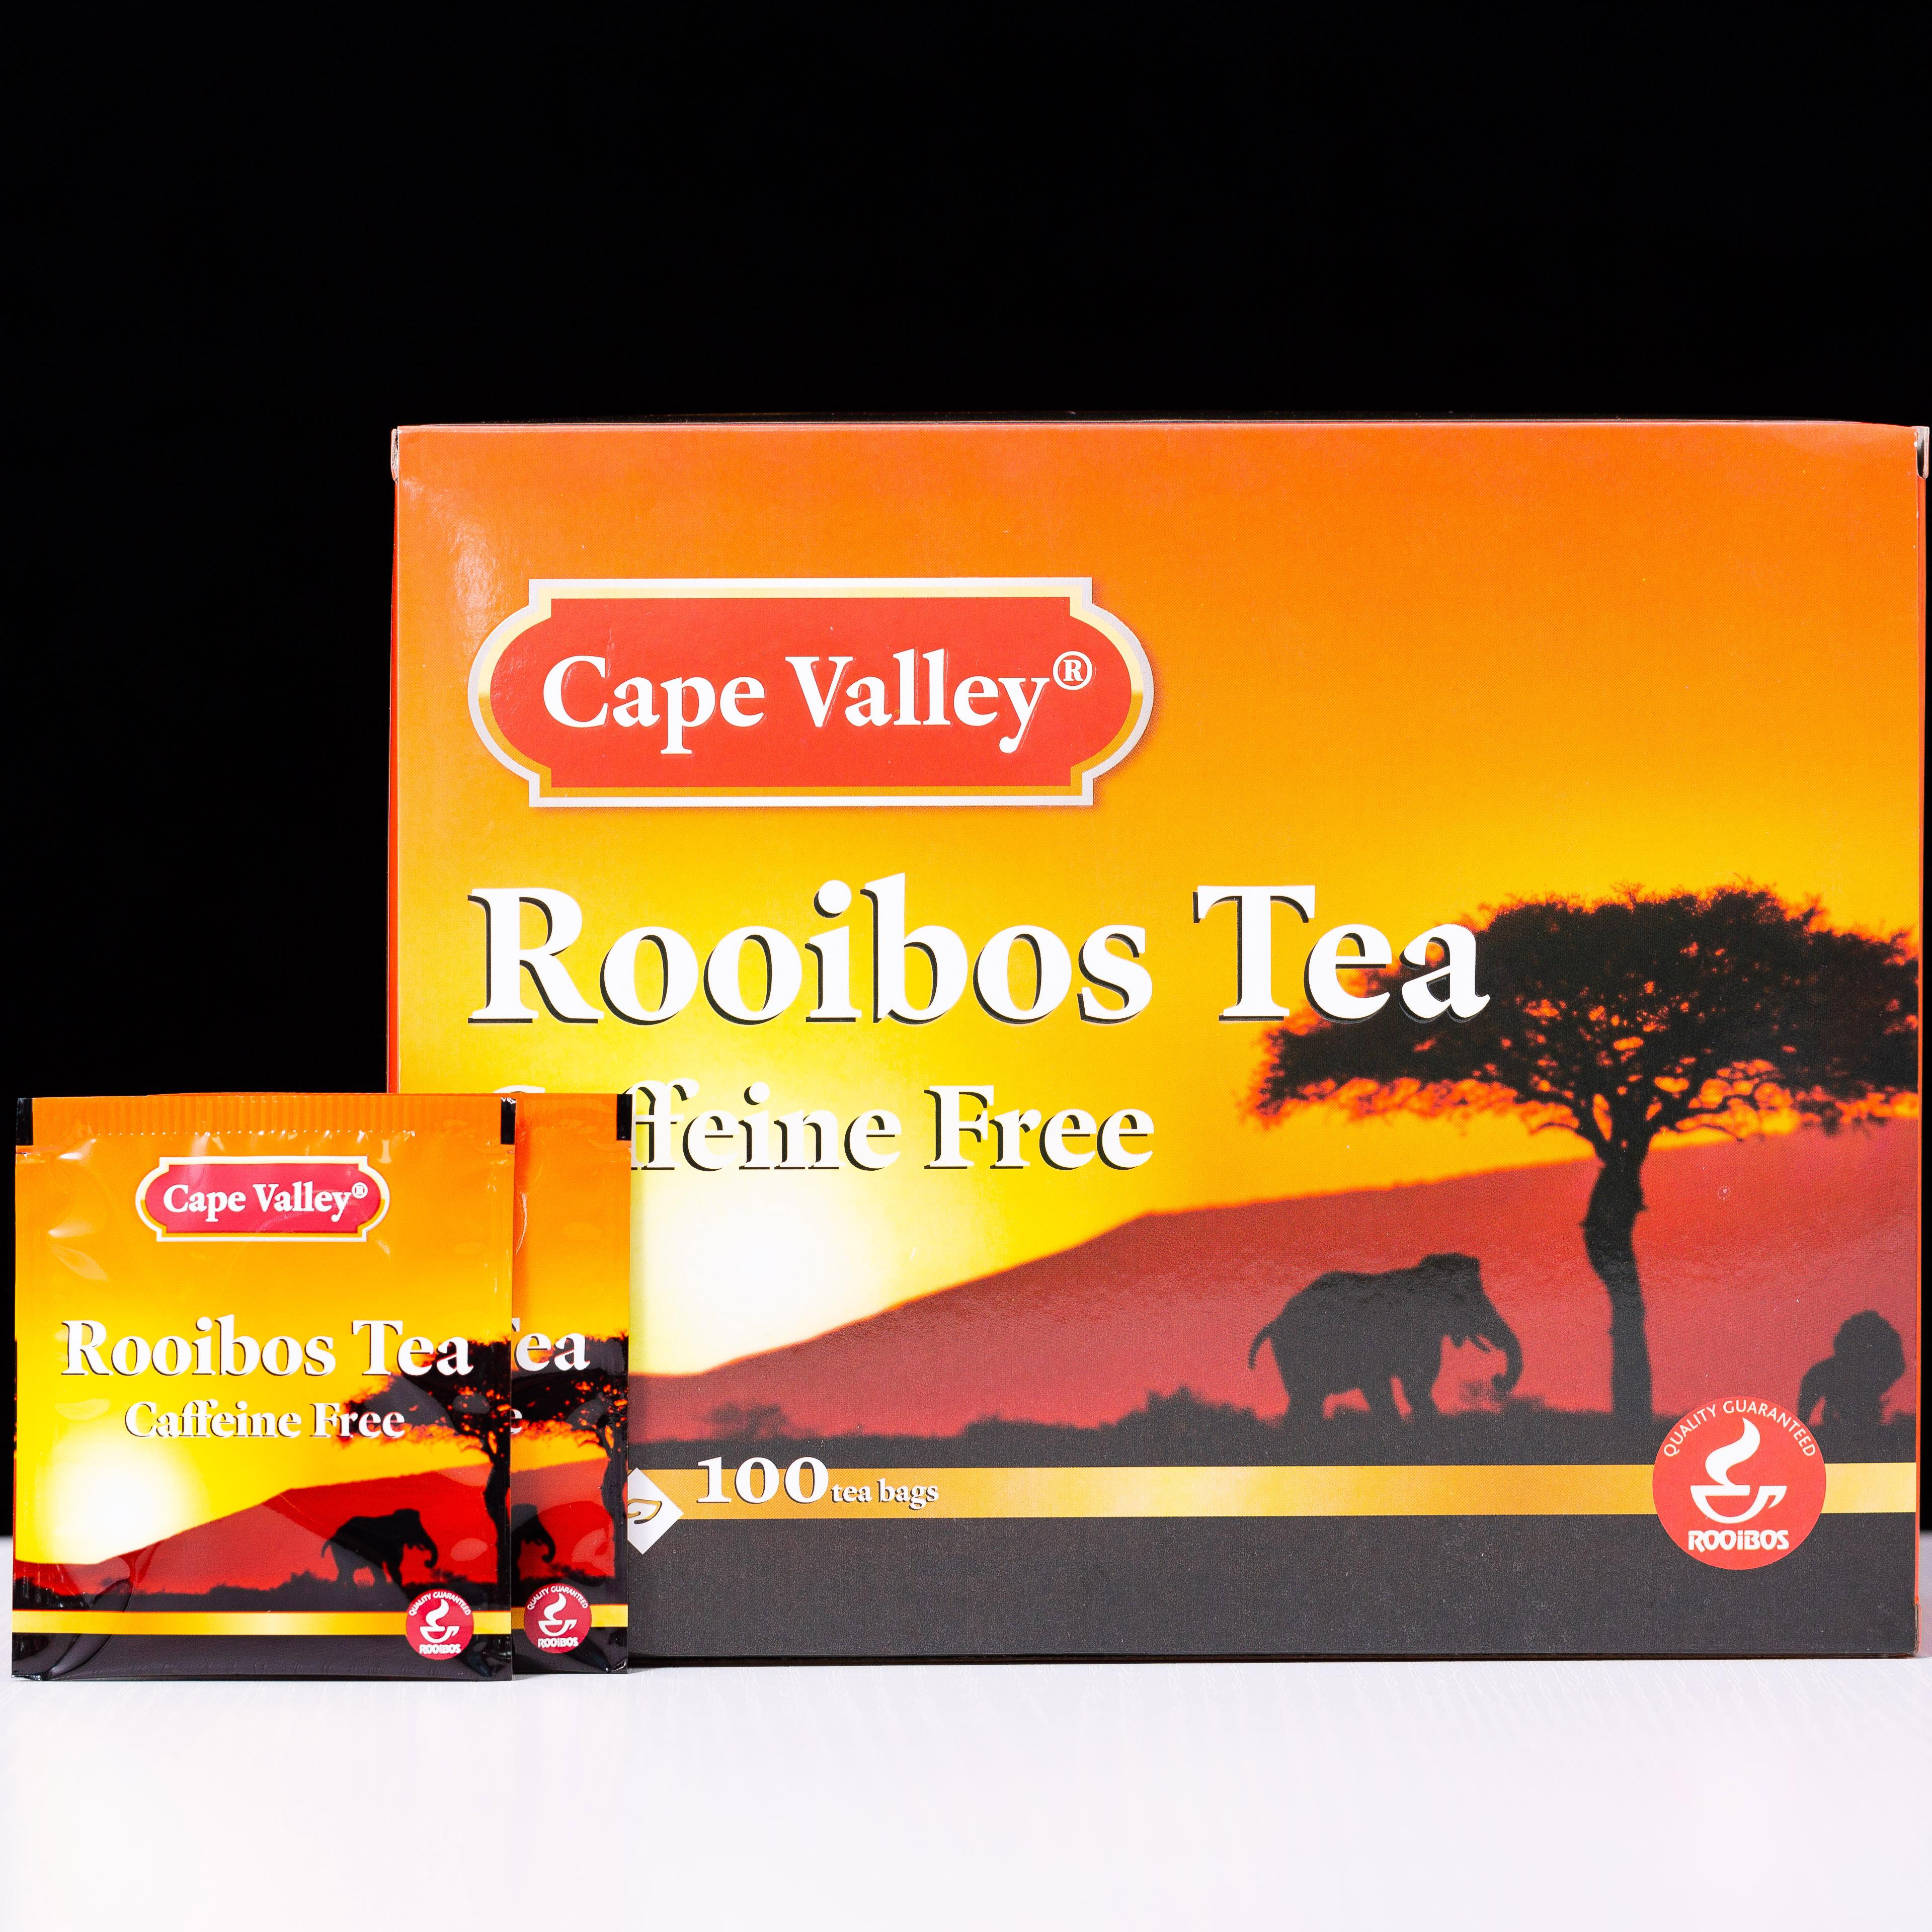 「可以喝的神仙水」开普山谷南非博士茶 Rooibos路易波士国宝红茶无咖啡因 美容养颜  0卡路里 无糖分  孕妇可喝100袋/盒 商品图5